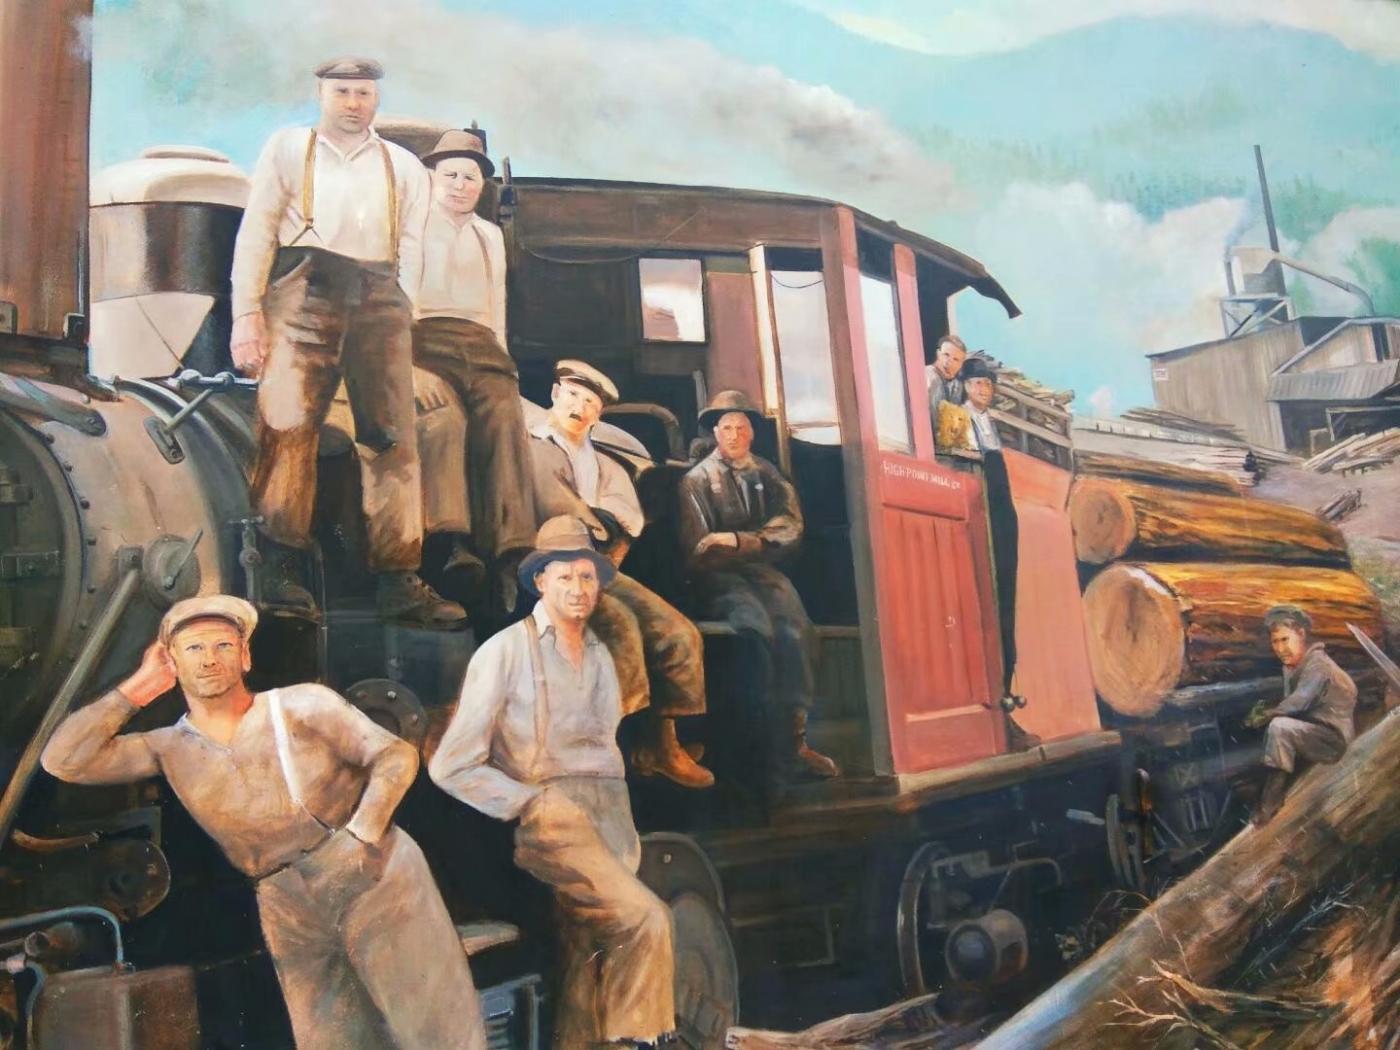 美国小镇街边壁画(图)_图1-6